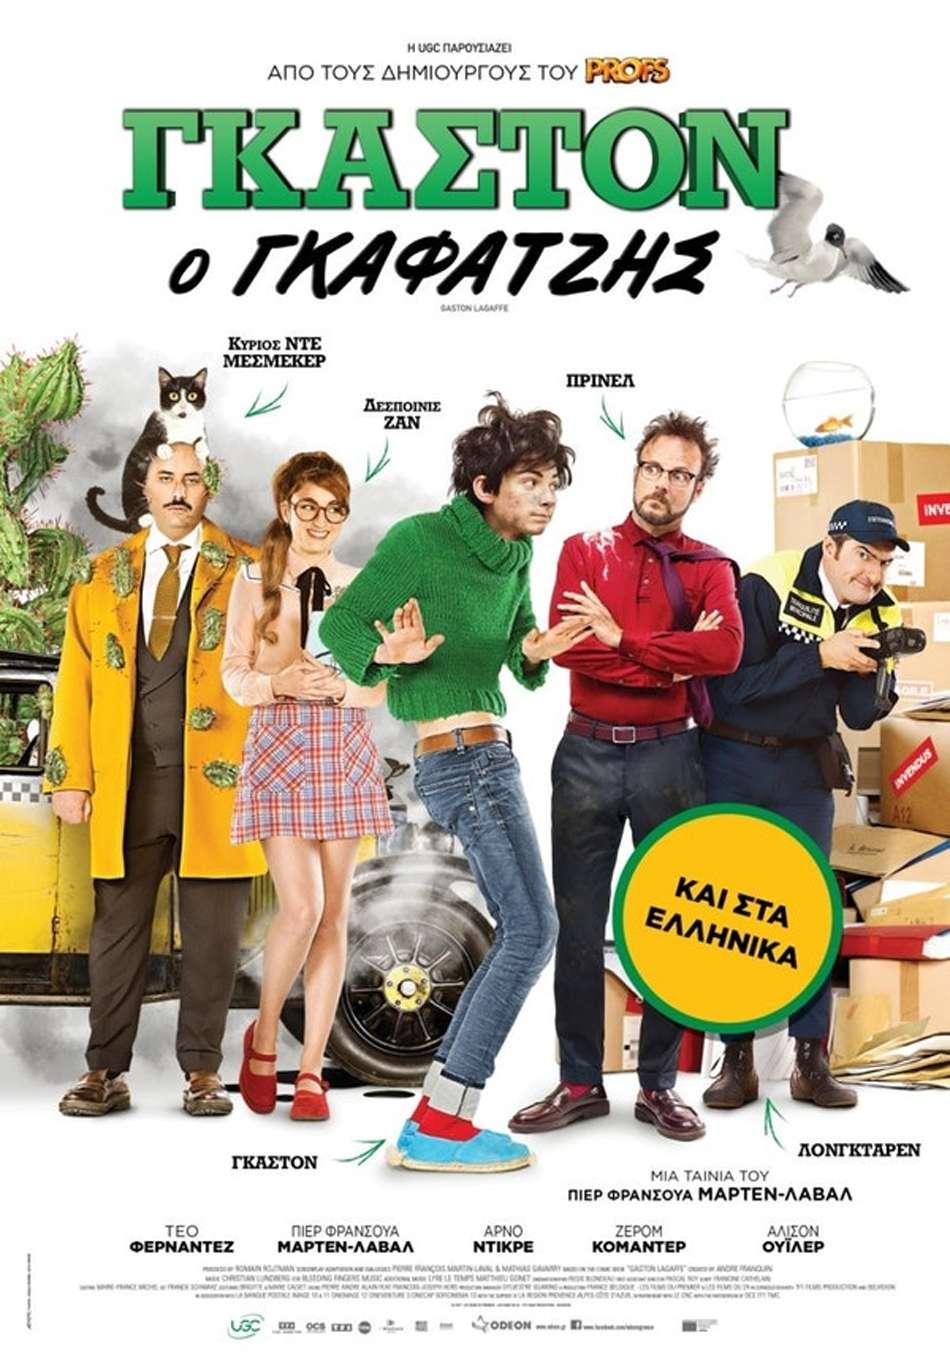 Γκαστόν, ο Γκαφατζής (Gaston Lagaffe) Poster